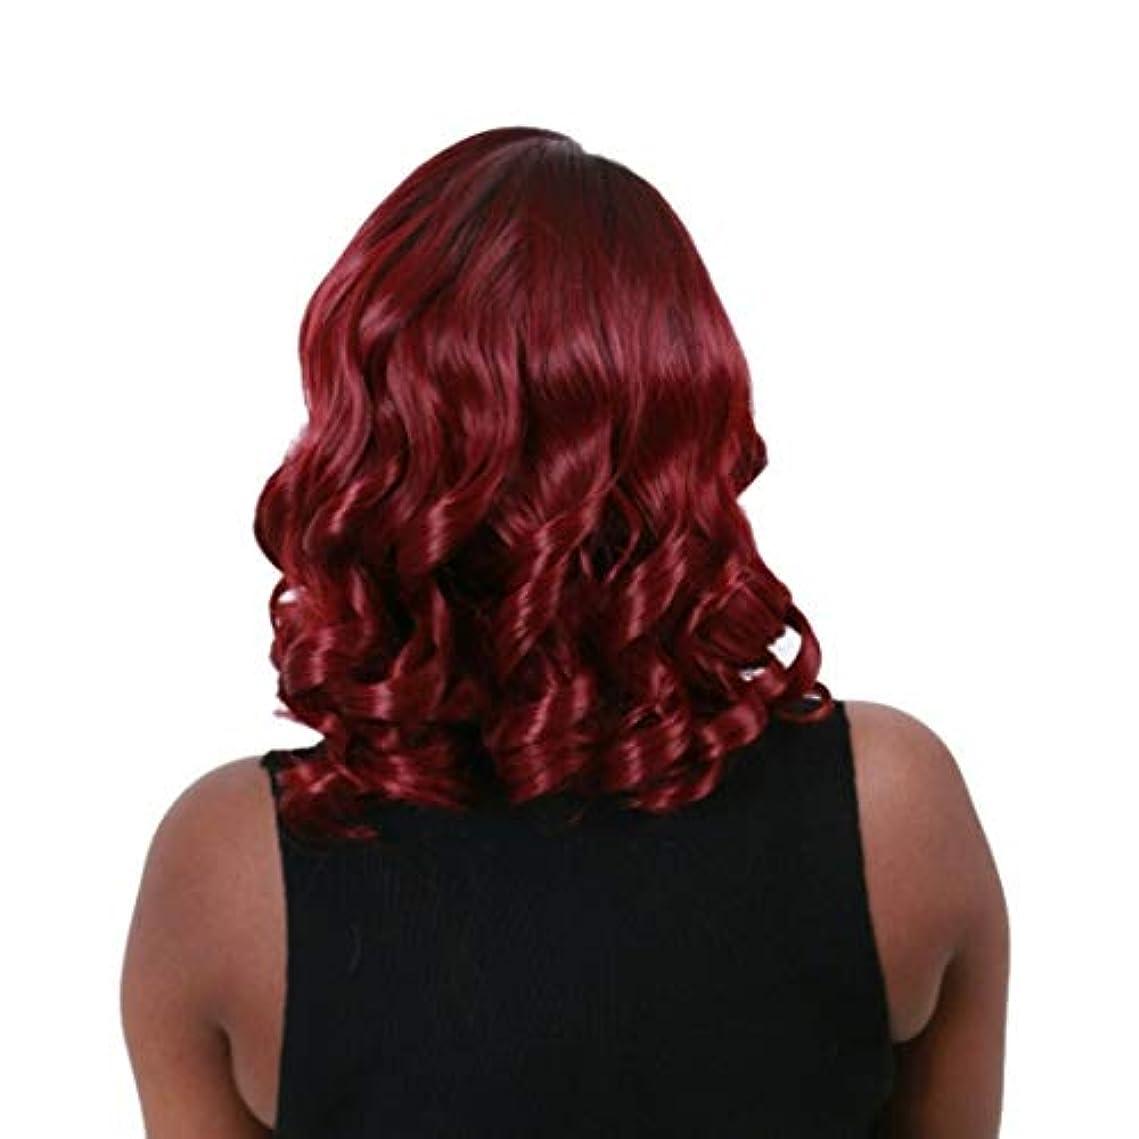 暖かく偽造ベールKerwinner かつら女性のための傾斜前髪ショートカーリーヘアーワインレッド高温シルクウィッグ